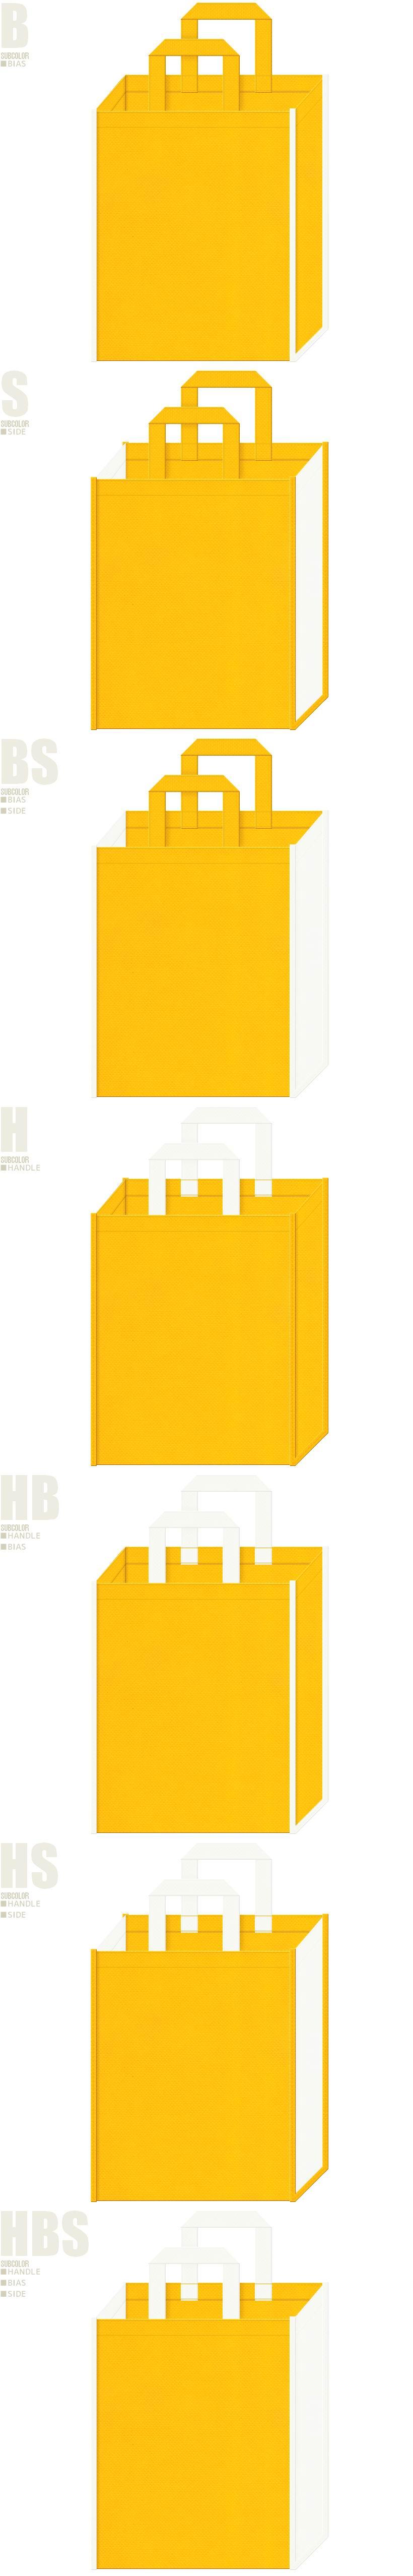 通園バッグ・レモン・ビタミン・スクランブルエッグのイメージにお奨めの不織布バッグデザイン:黄色とオフホワイト色の不織布バッグ配色7パターン。